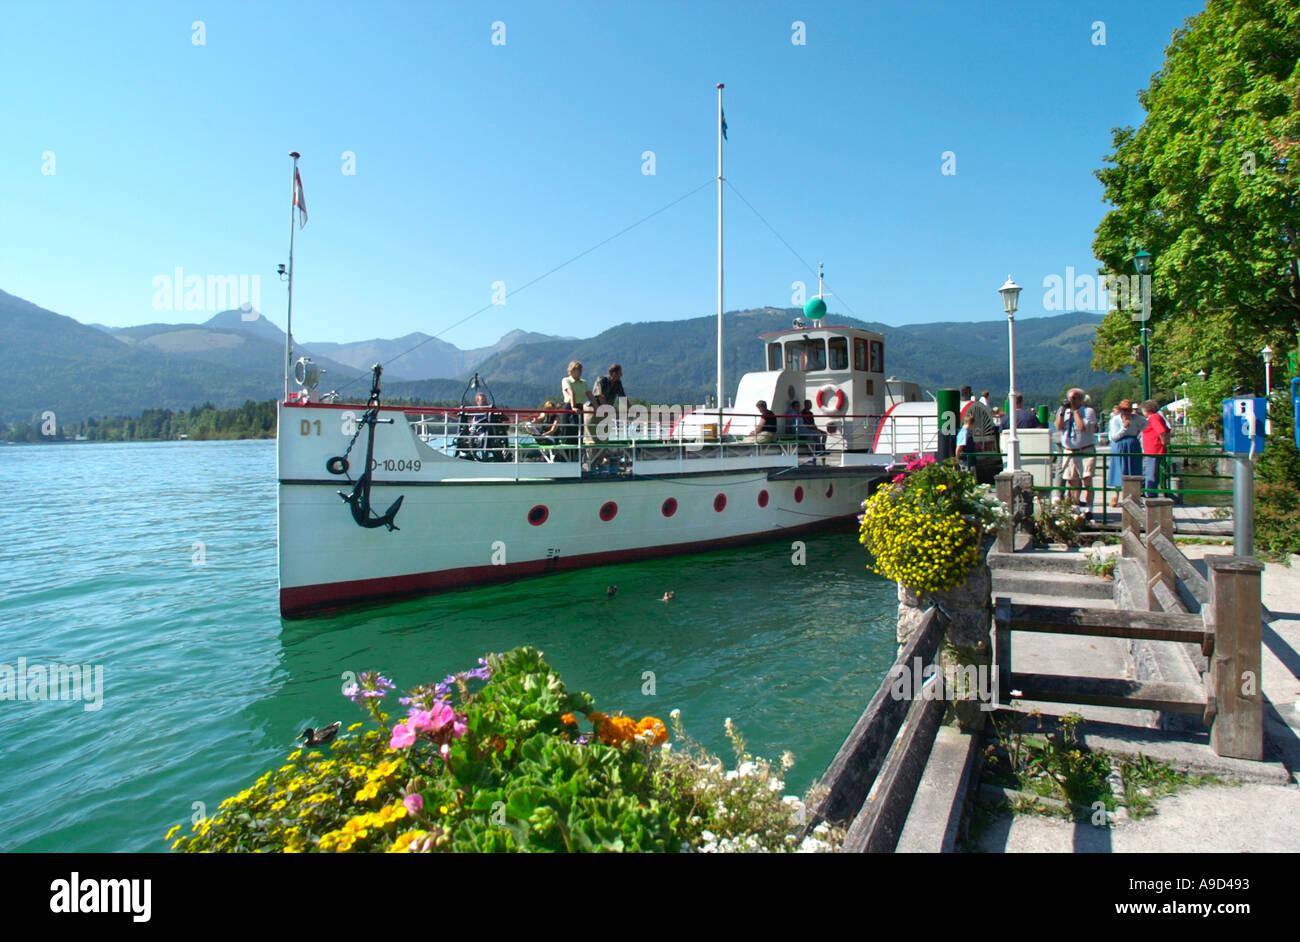 Ferry au bord du lac de St Wolfgang, le lac Wolfgang, Salzkammergut, Autriche Photo Stock